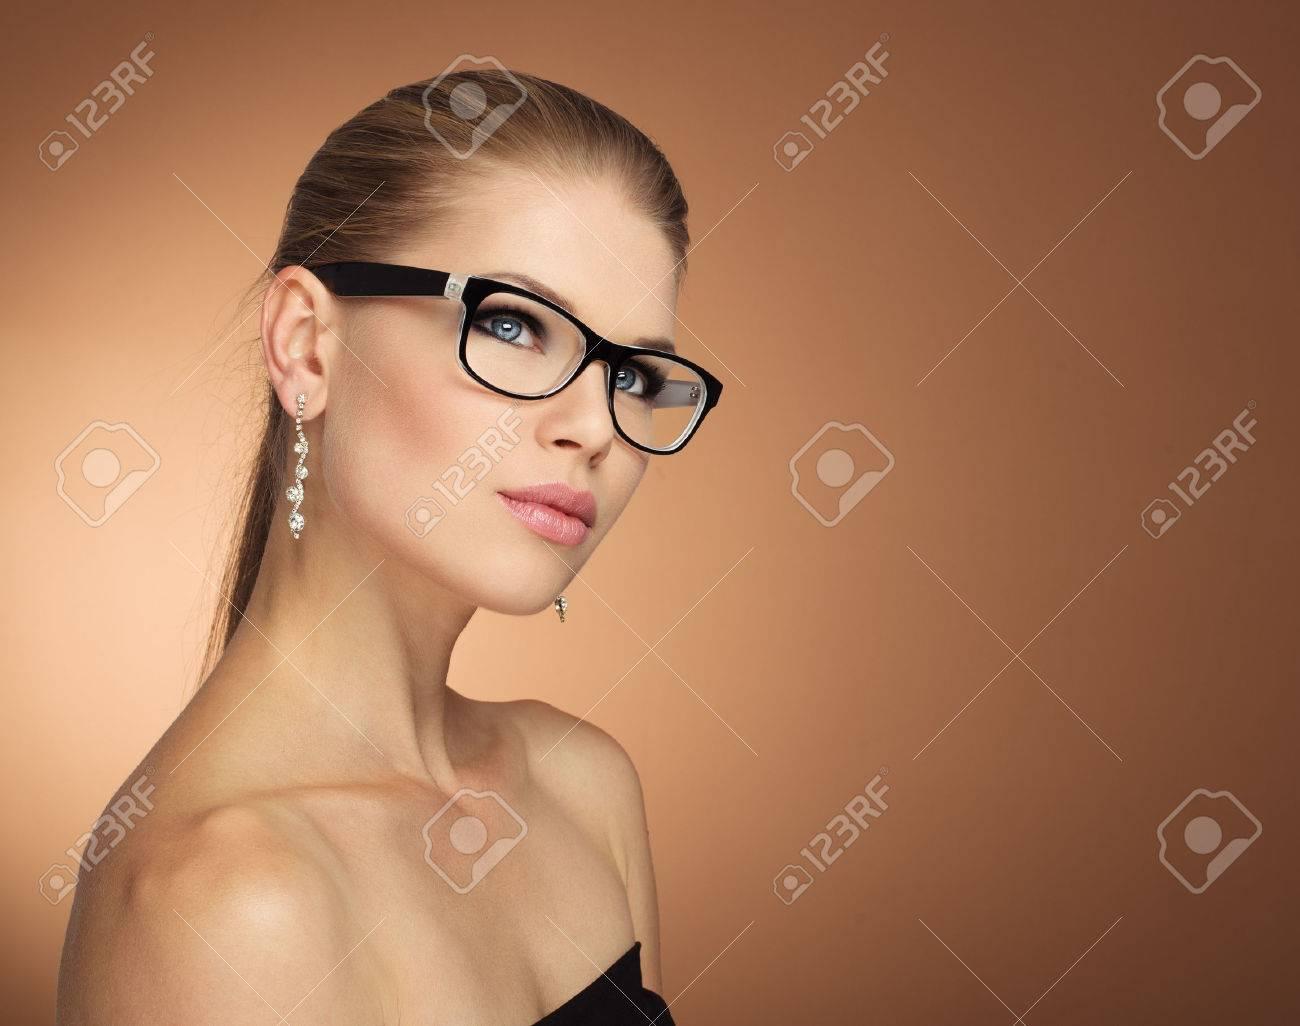 Retrato De La Moda Joven Mujer De Glamour En Gafas De óptica Con ...